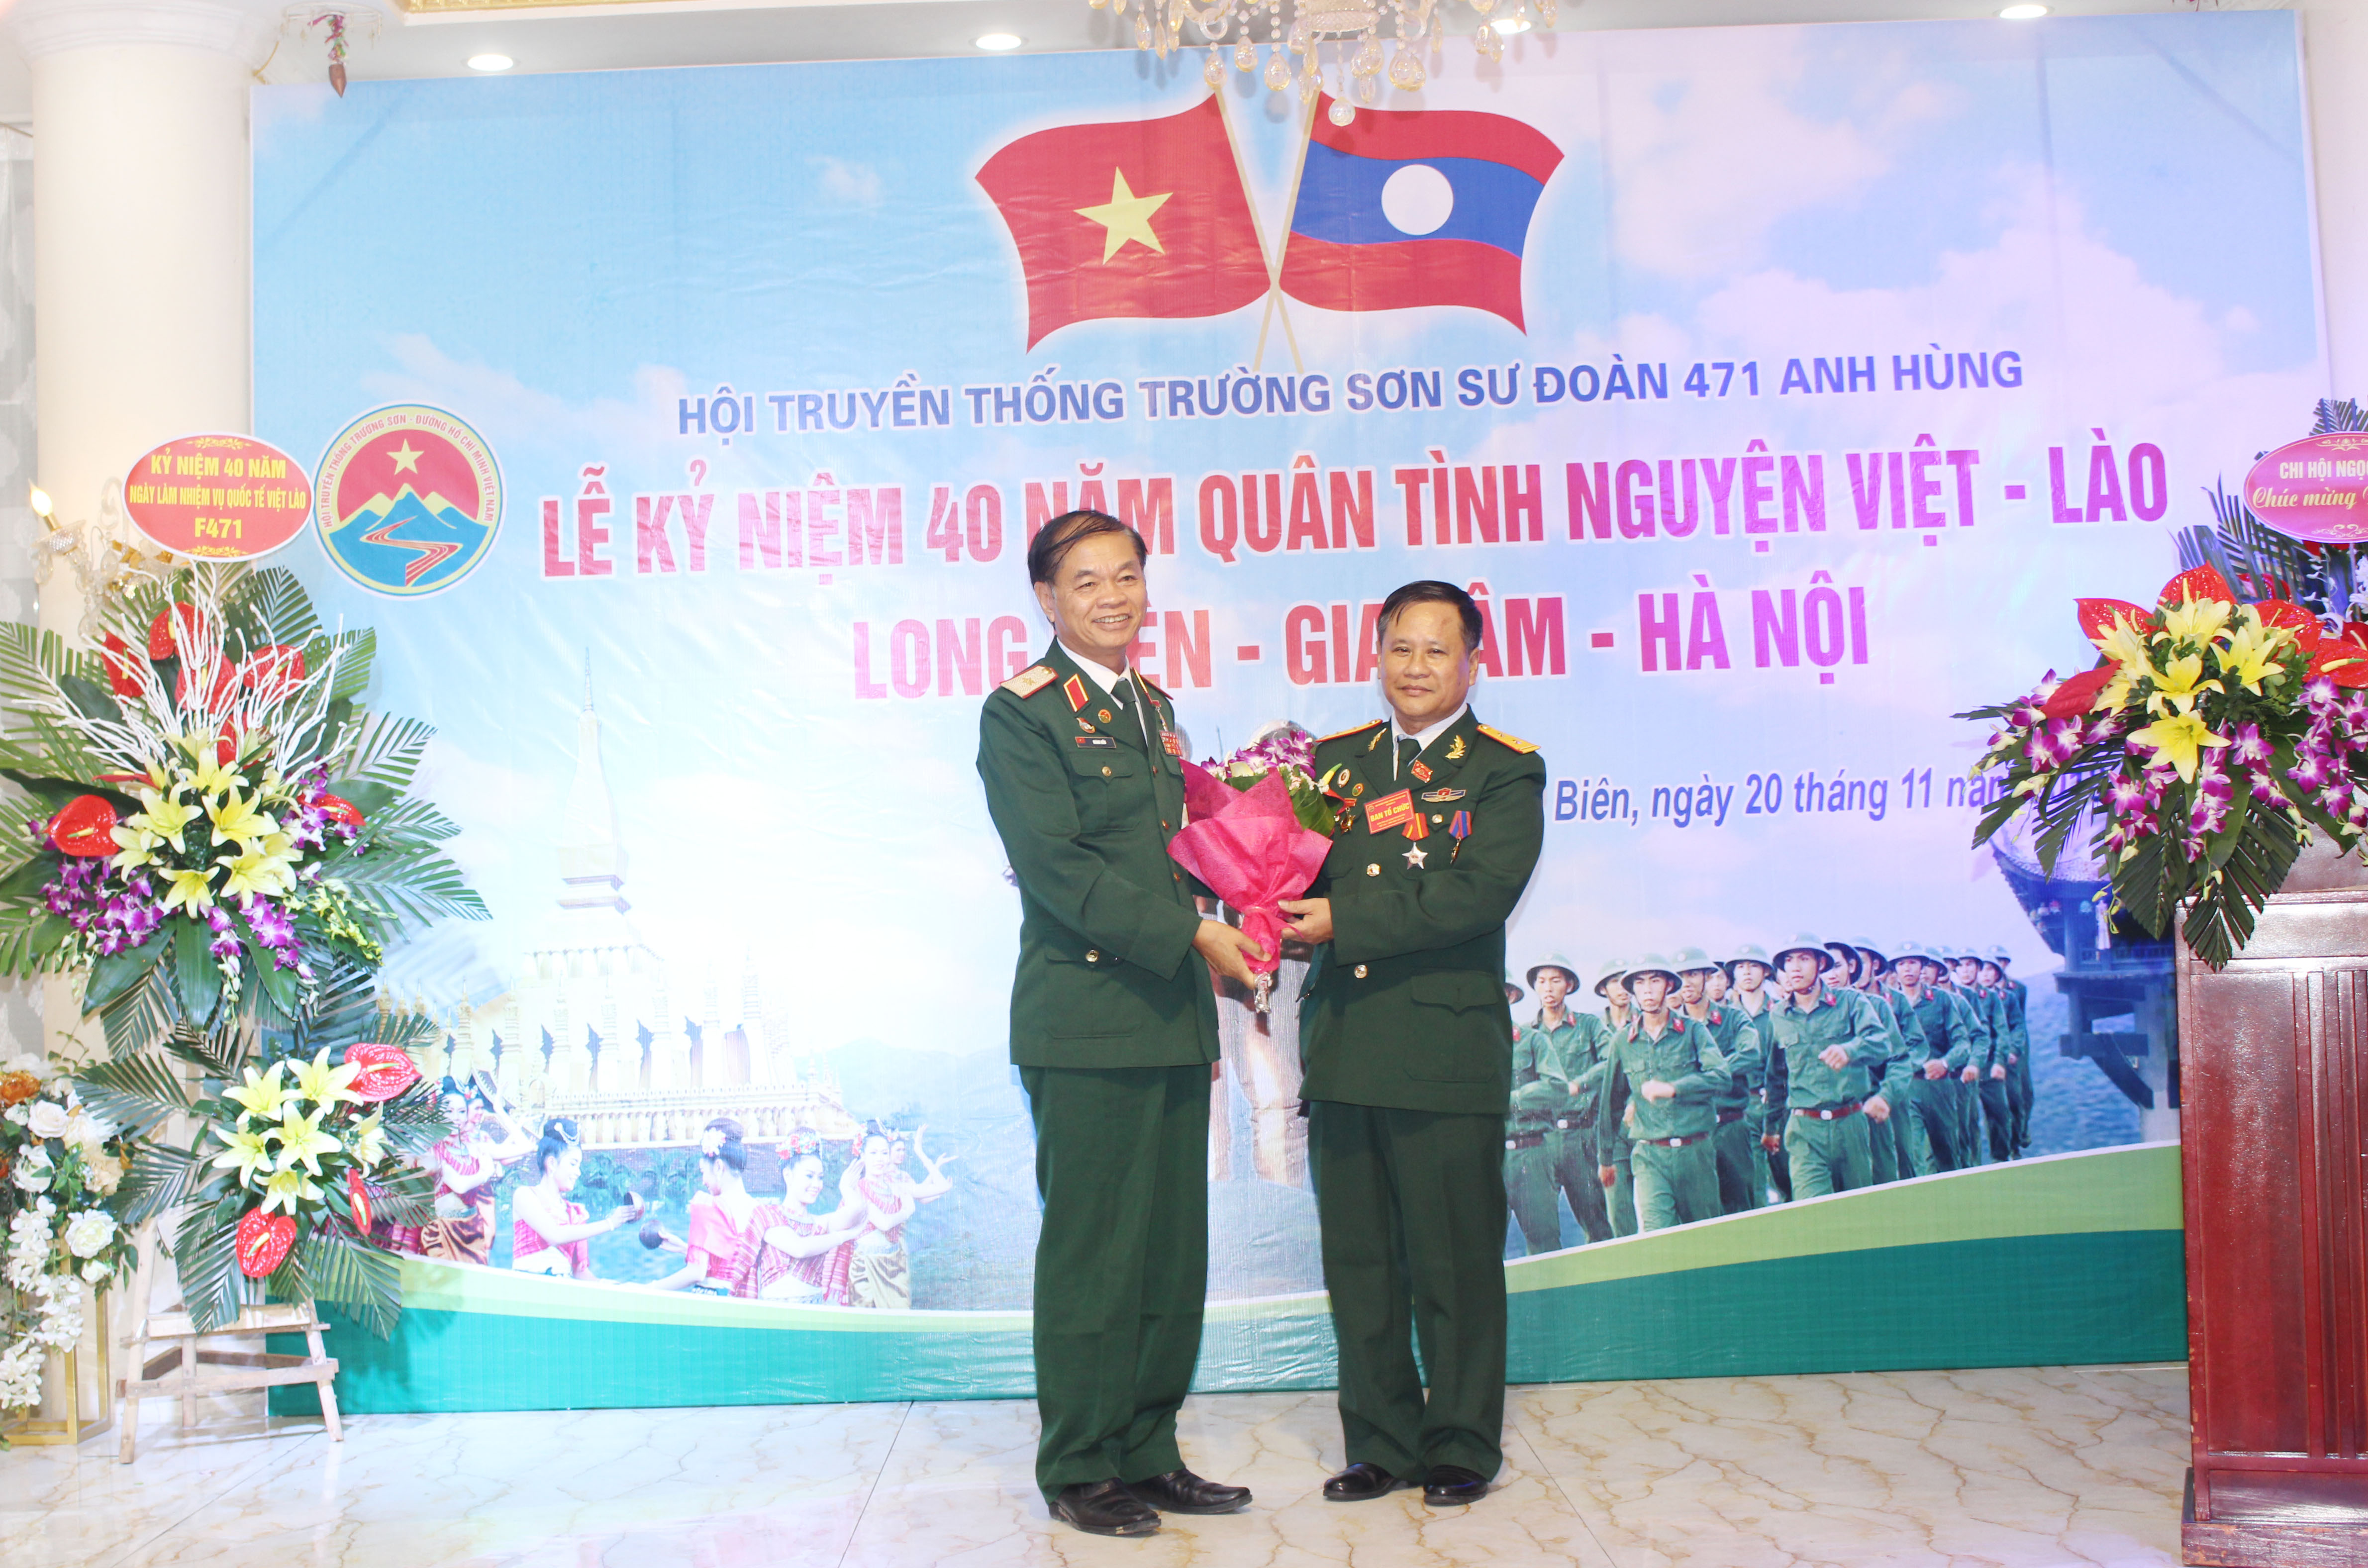 Hội TTTS Sư đoàn 471 thành lập BLL Quân tình nguyện Việt-Lào Long Biên - Gia Lâm - Hà Nội ..